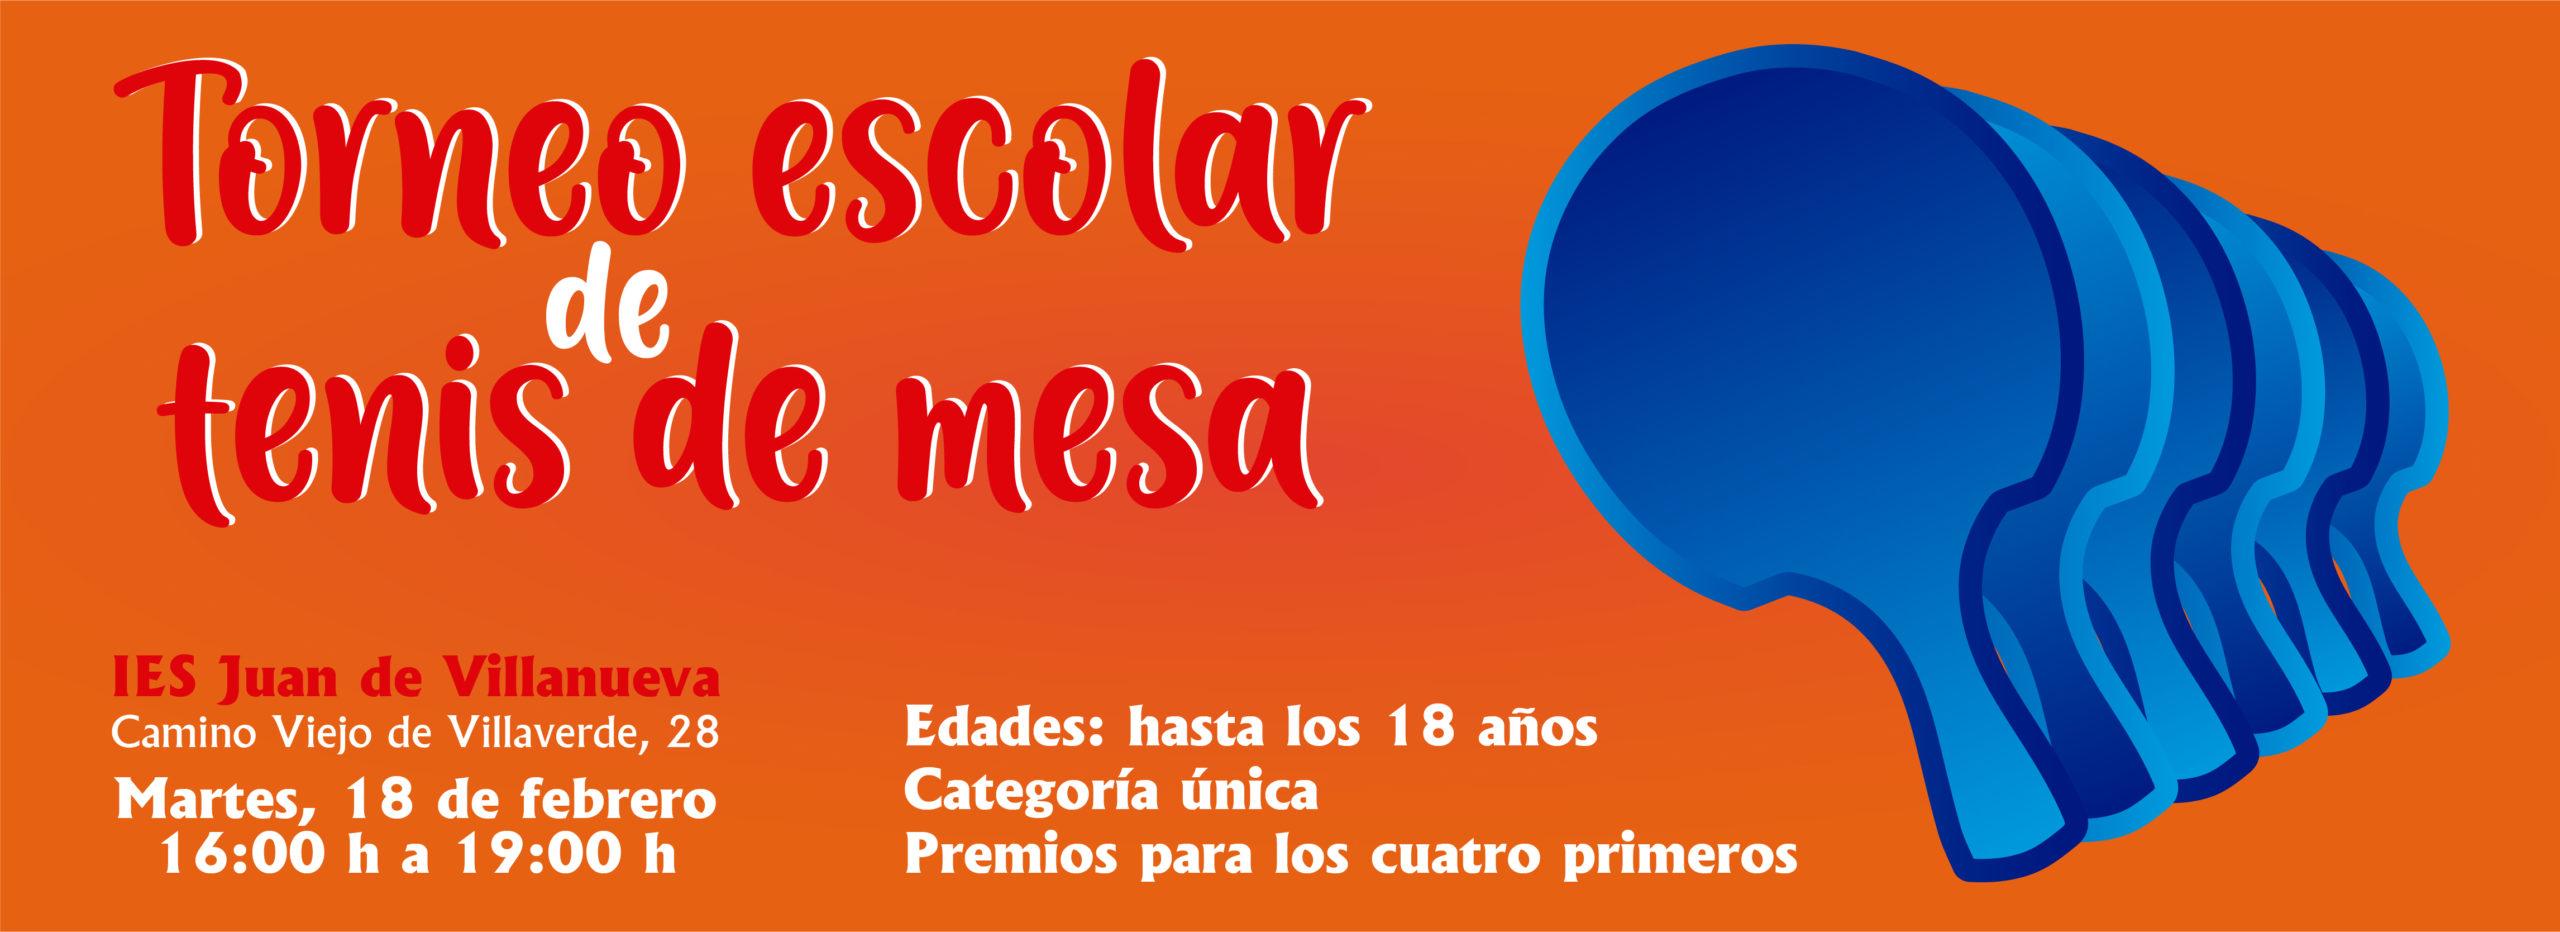 I Torneo Escolar Madrid CTM